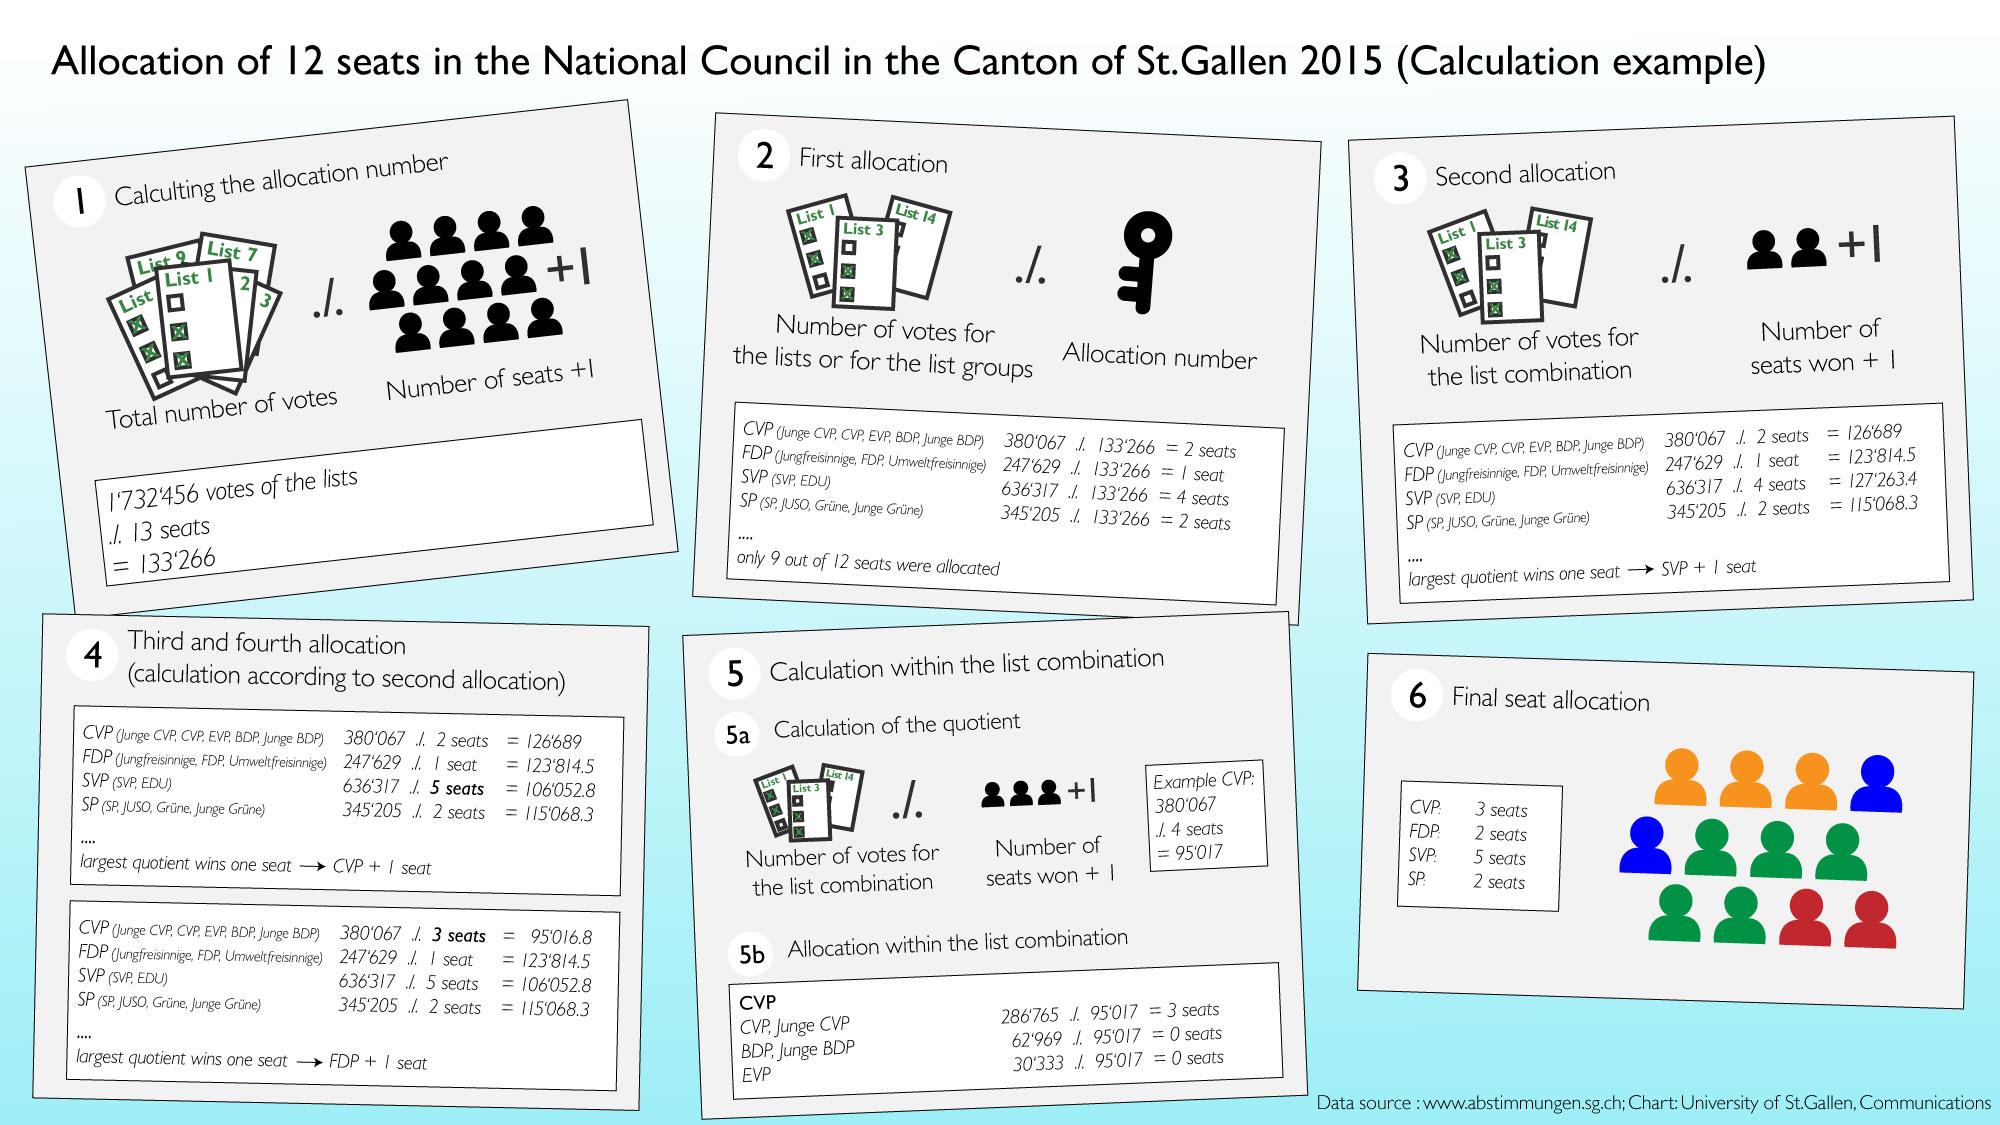 Berechnung Verteilung Nationalräte Kanton St.Gallen 2015